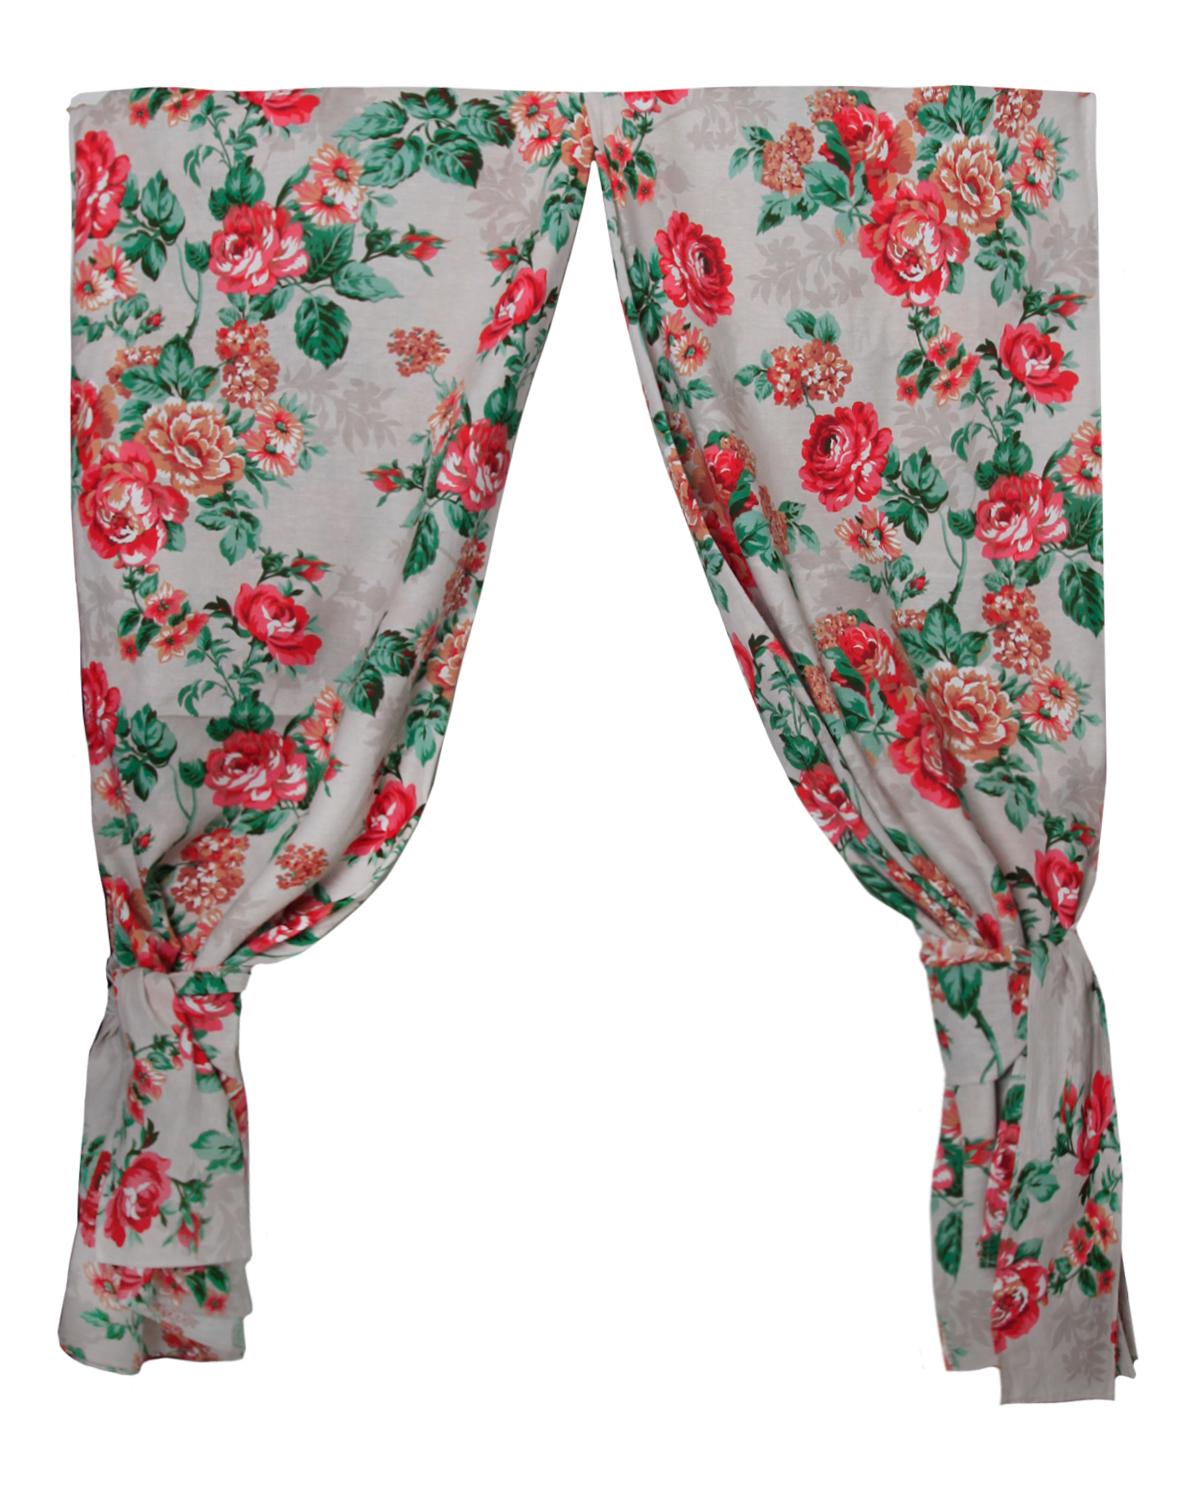 Шторы  Домислава  Красный р. 150х180 - Текстиль для дома артикул: 26796